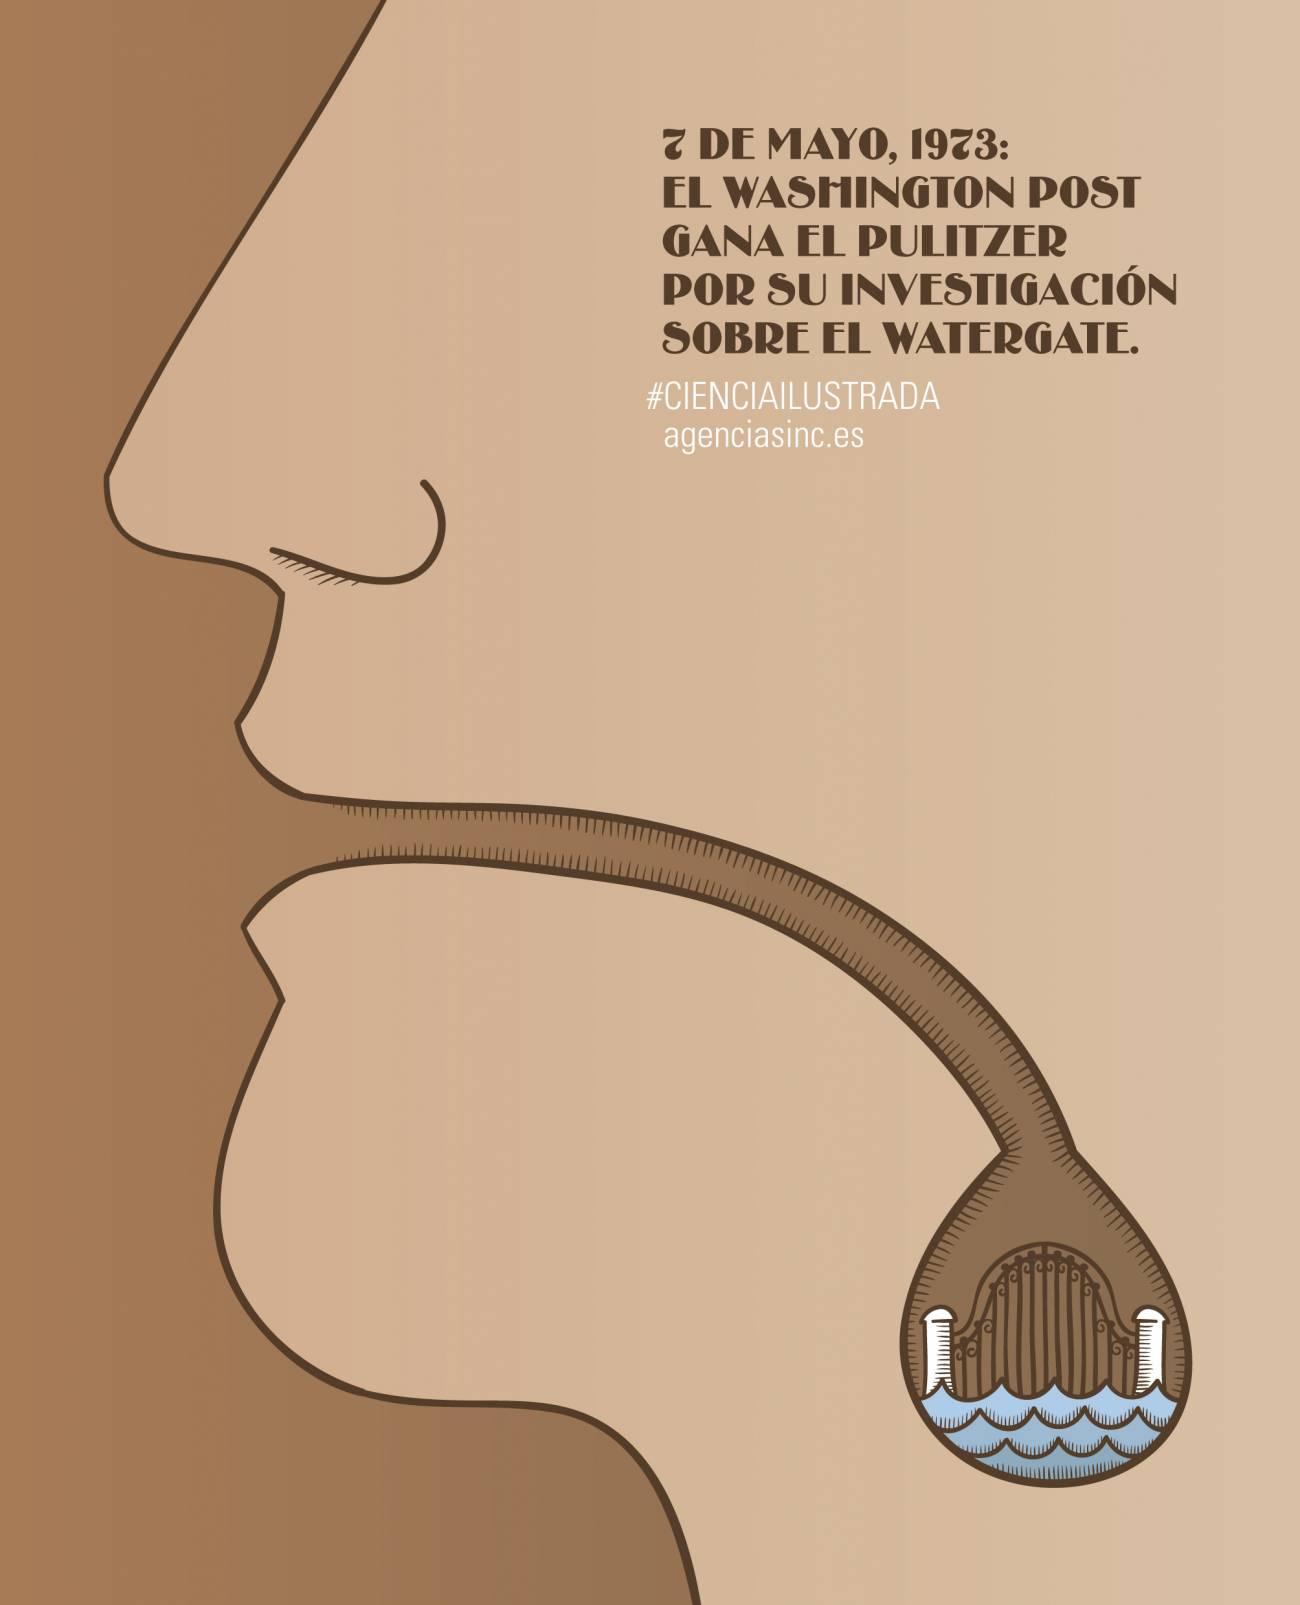 El 7 de mayo de 1973 el periódico The Washington Post ganaba el premio Pulitzer por su investigación en el caso Watergate